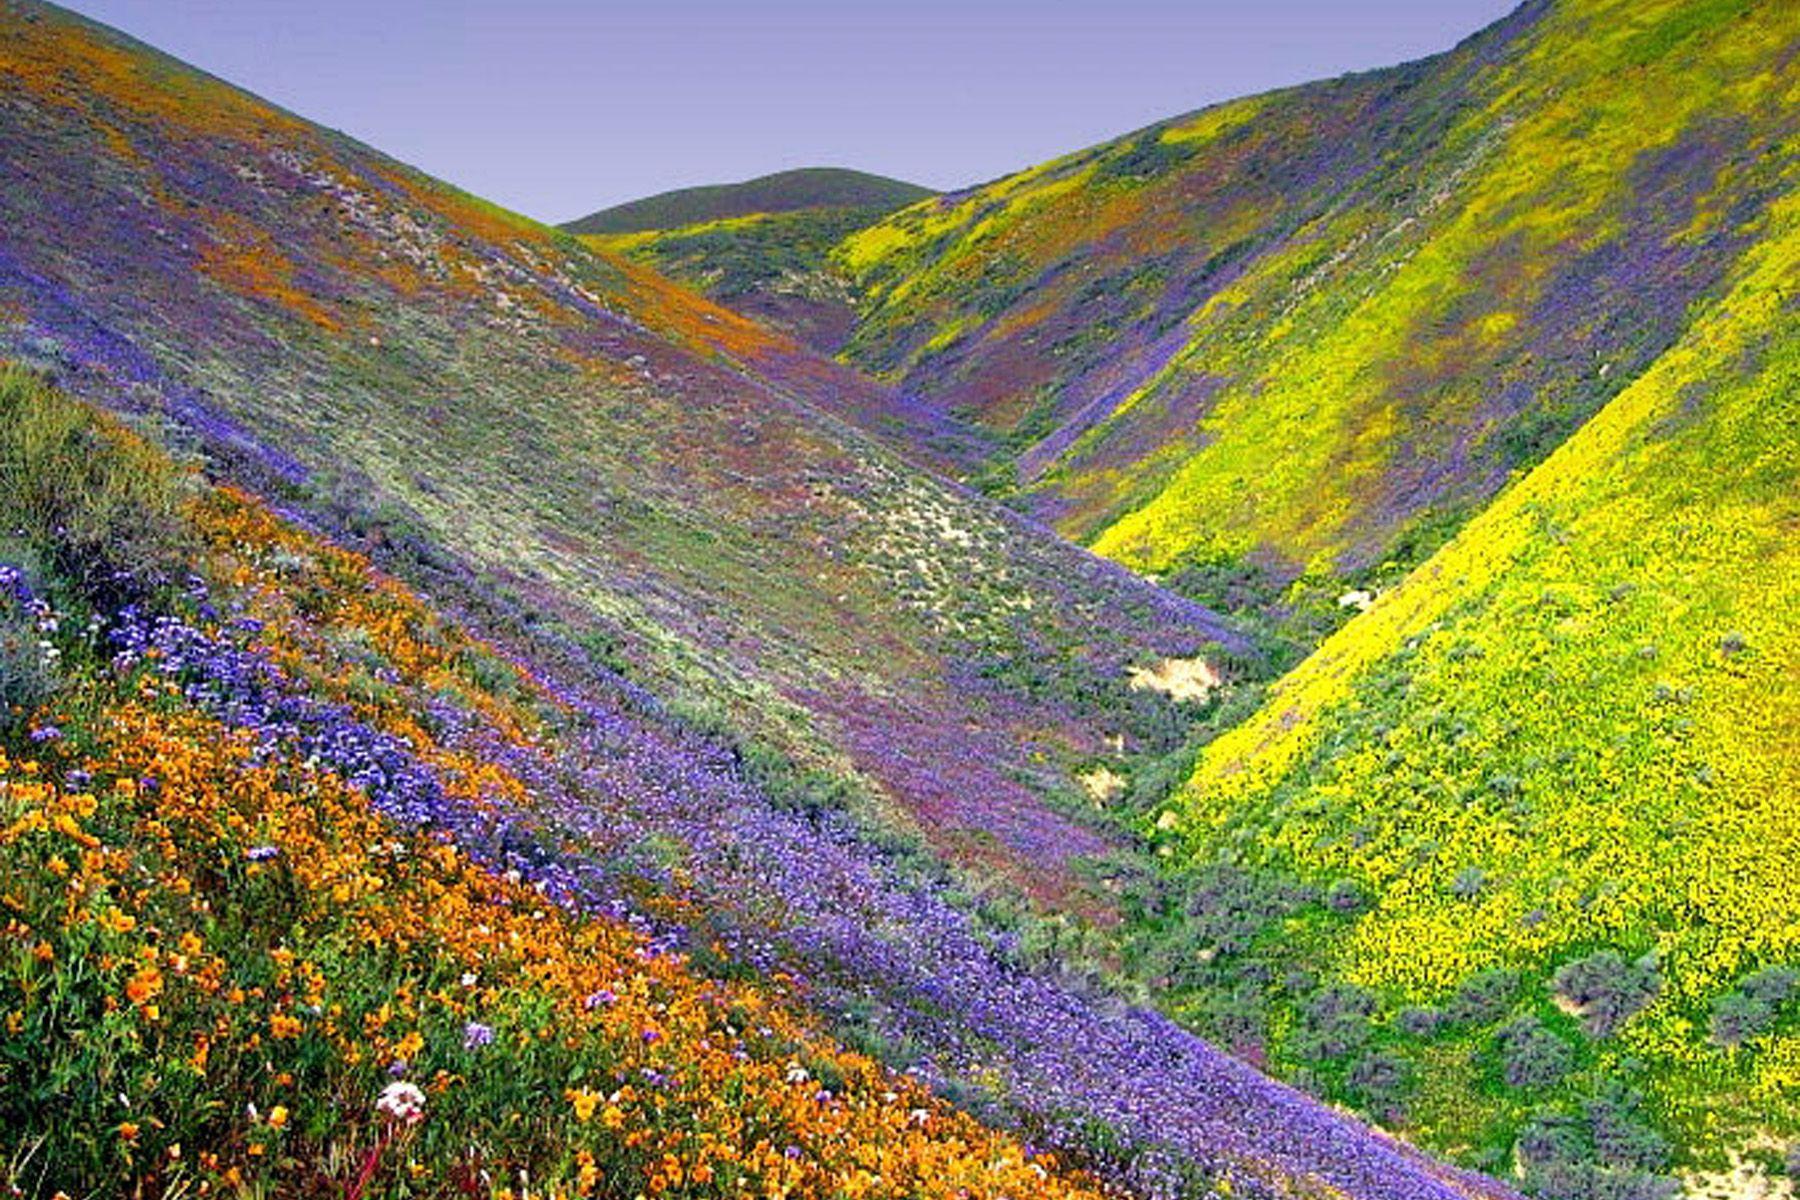 Valley of flowers, Uttarakhand, India